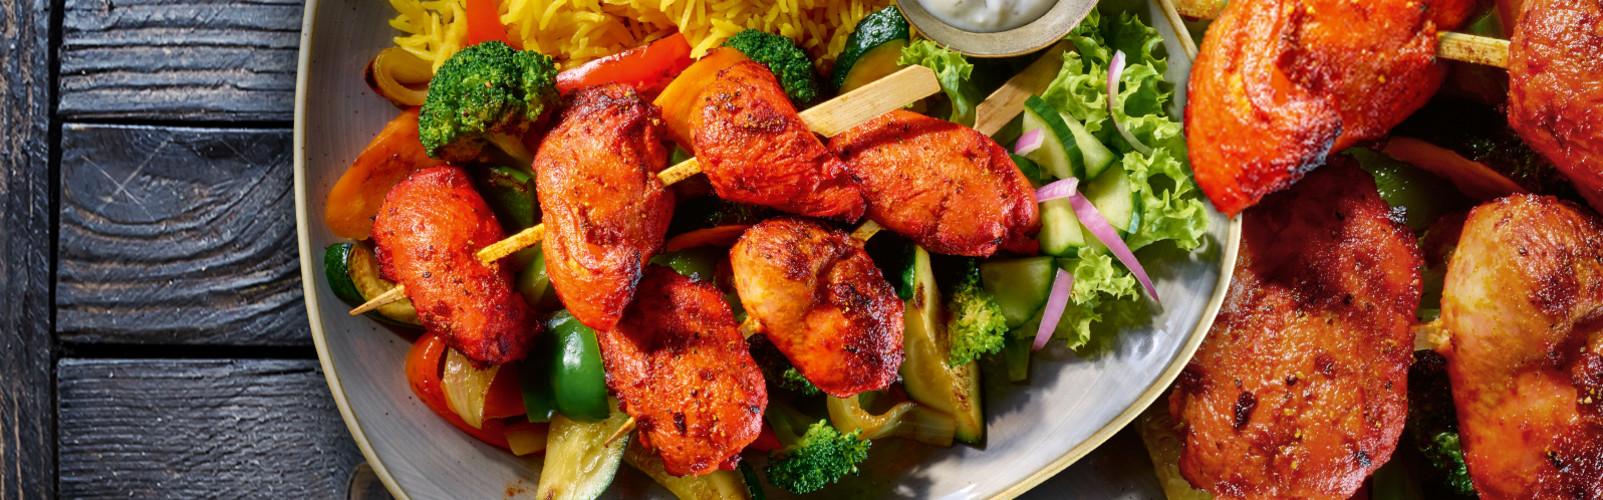 Restaurant Zala Warengruppenbild